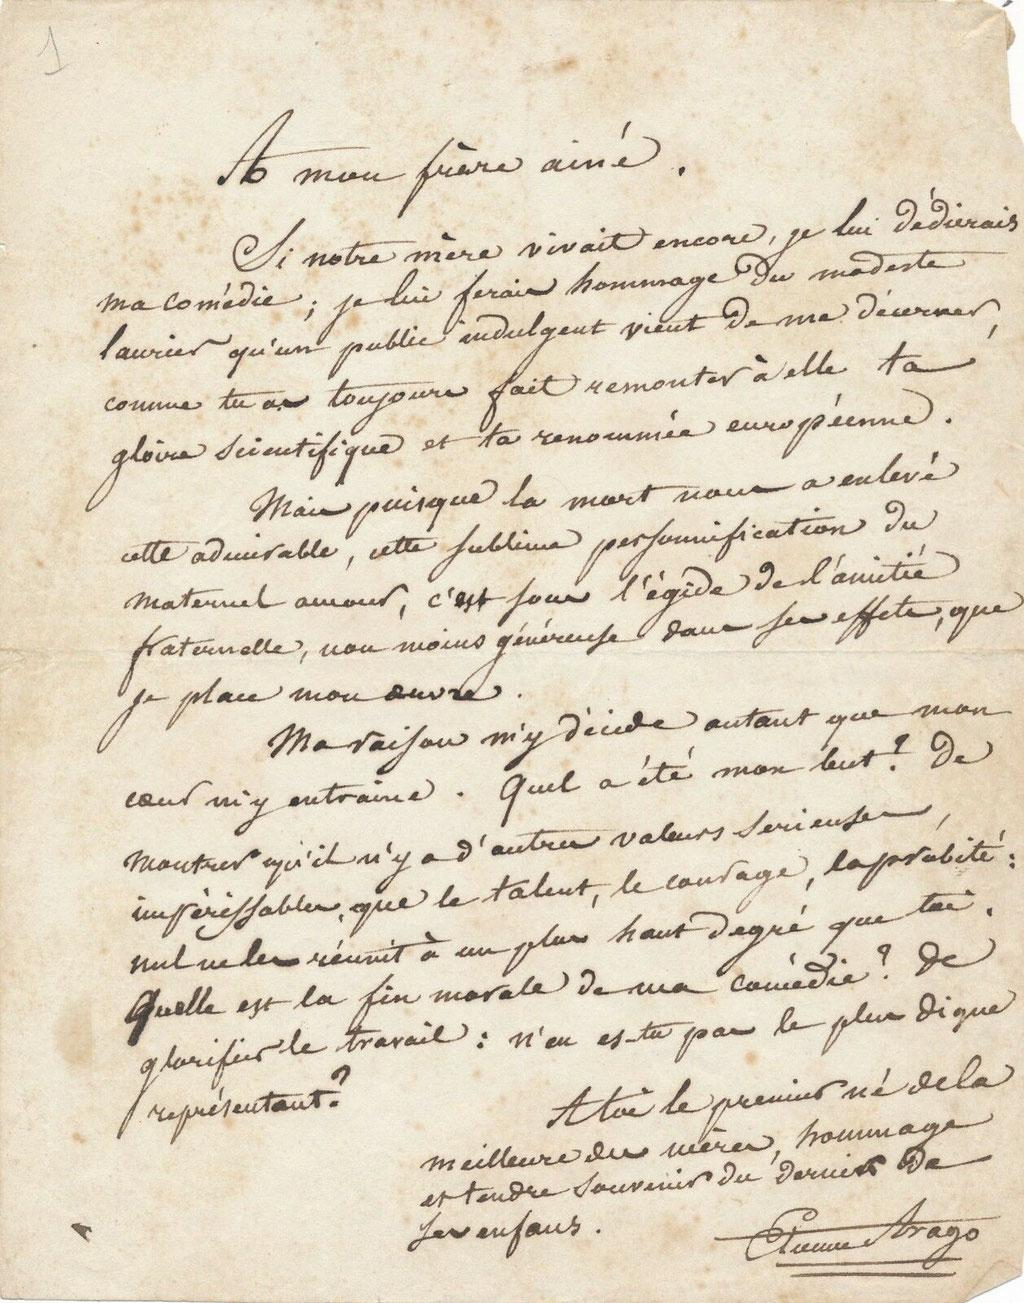 Etienne Arago lettre autographe signée